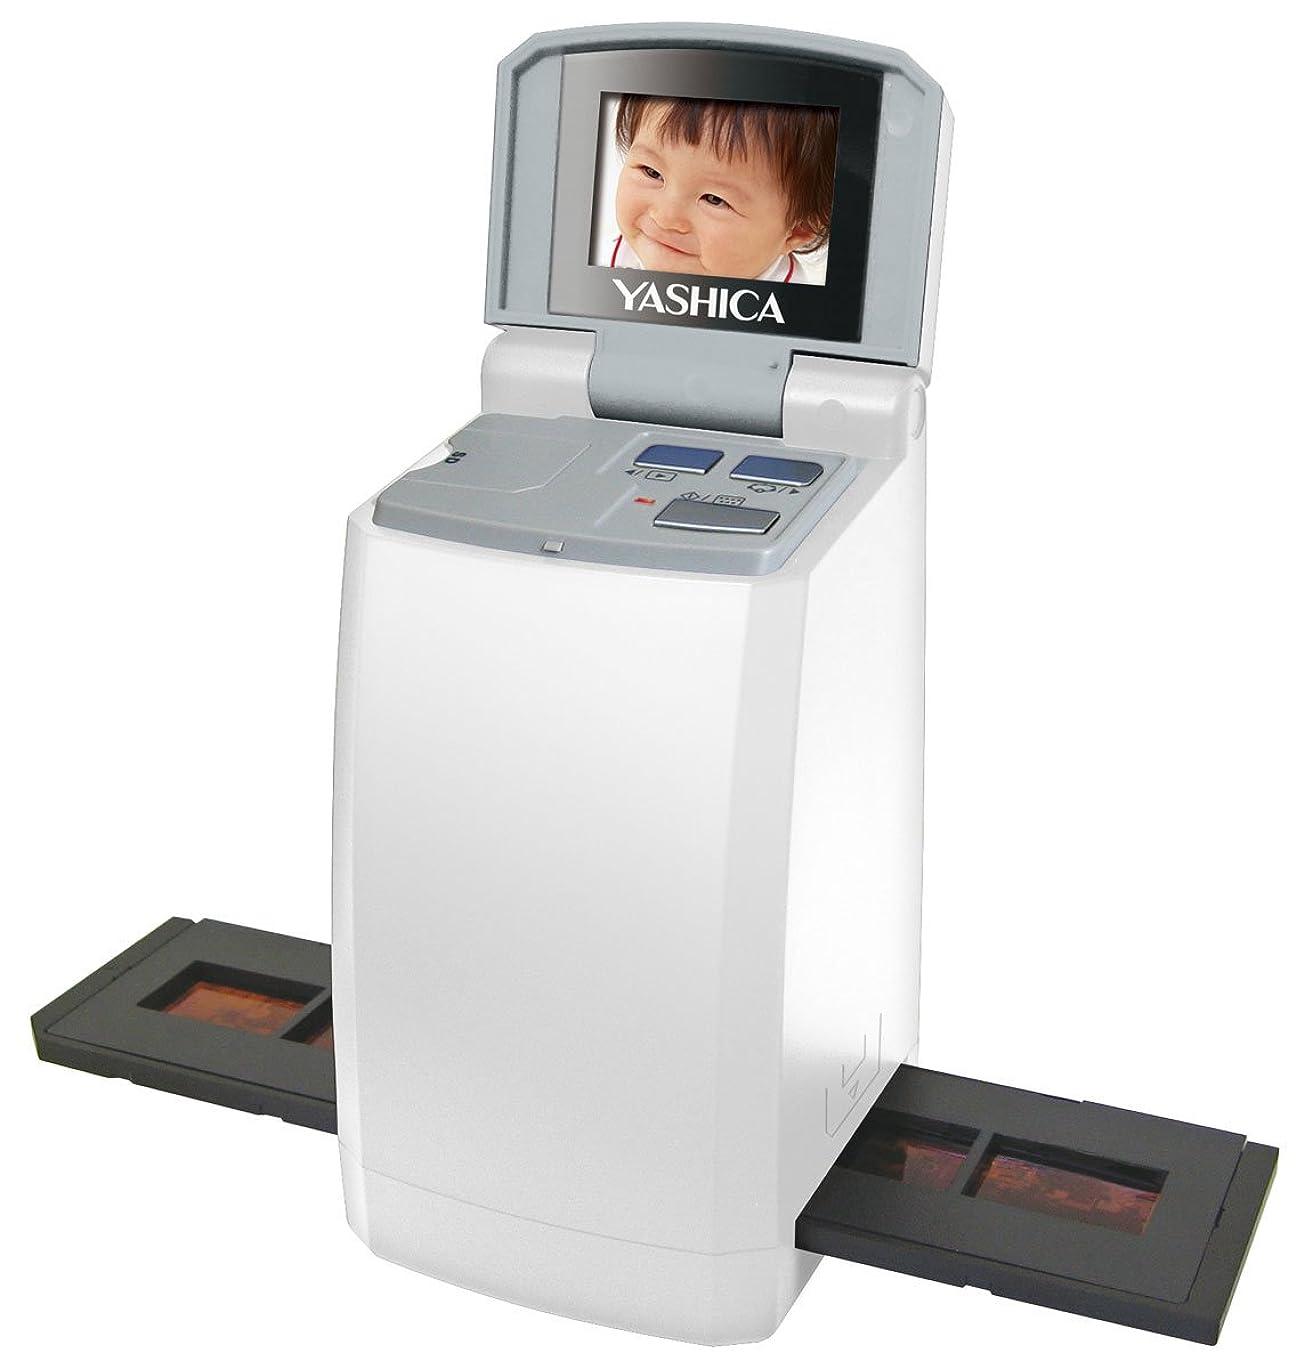 日没内陸隠【ネガ→データ化】 YASHICA 2.4インチ液晶カラーモニター搭載 デジタルフィルムスキャナー FS-501 26073